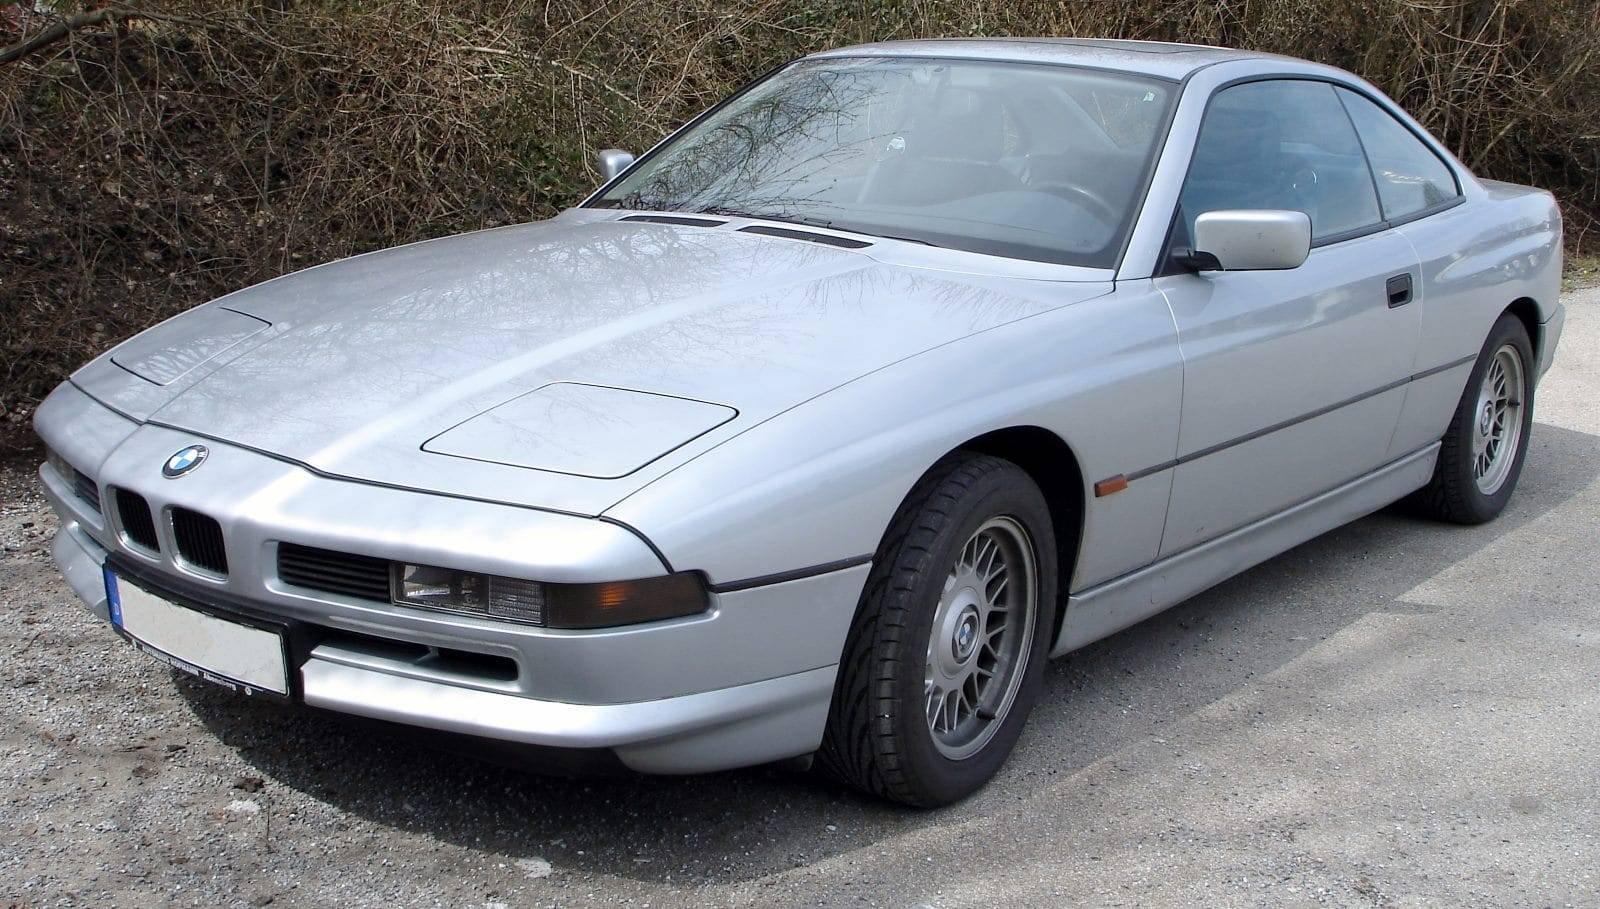 BMW 8 серии E31 - благородный флагман из 90-х 6